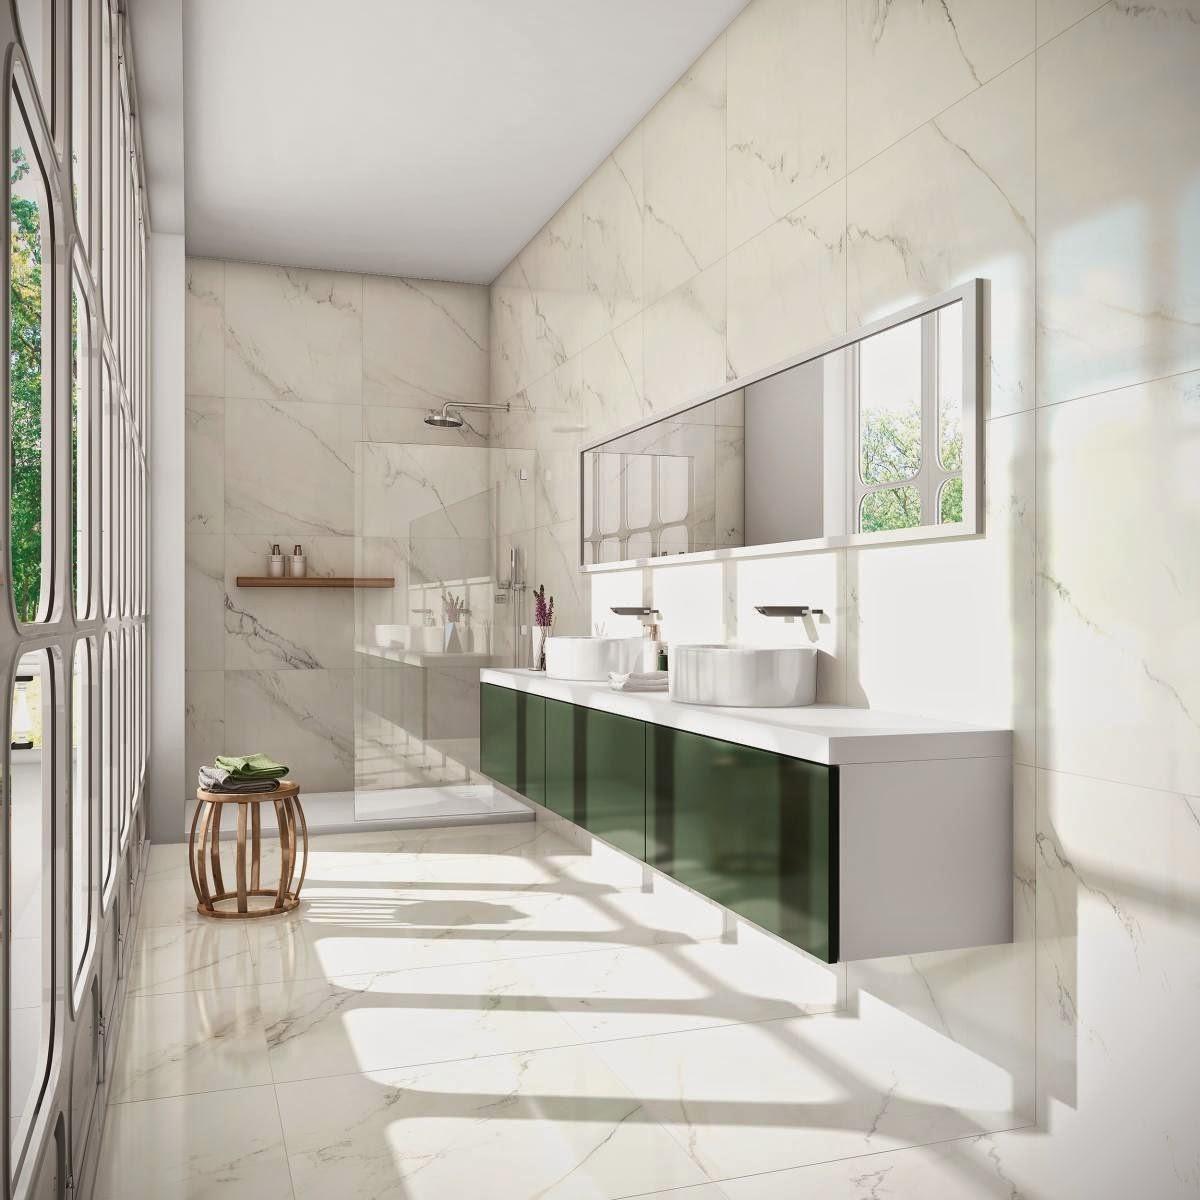 Imagem 58 – Revestindo as superfícies com porcelanato #4E7C5B 1200x1200 Banheiro Com Porcelanato Concreto